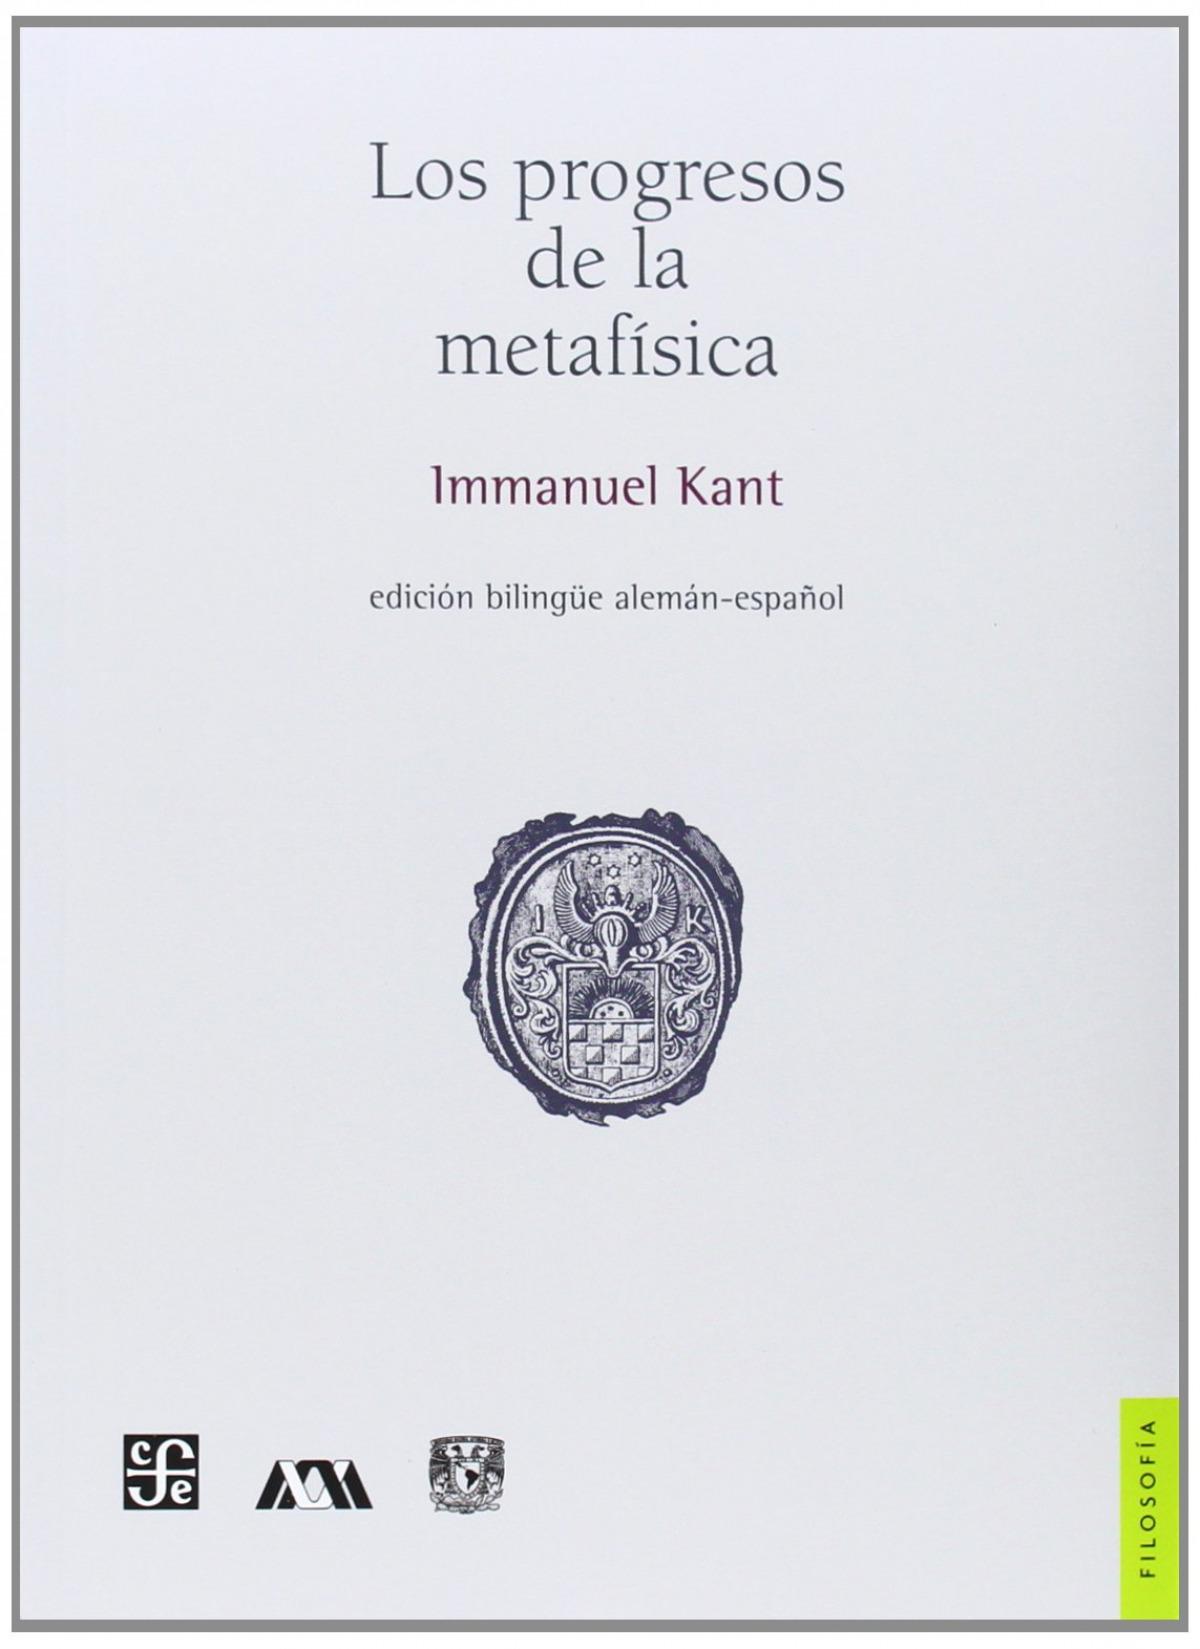 Los progresos de la metafísica : Edición bilingüe alemán - español